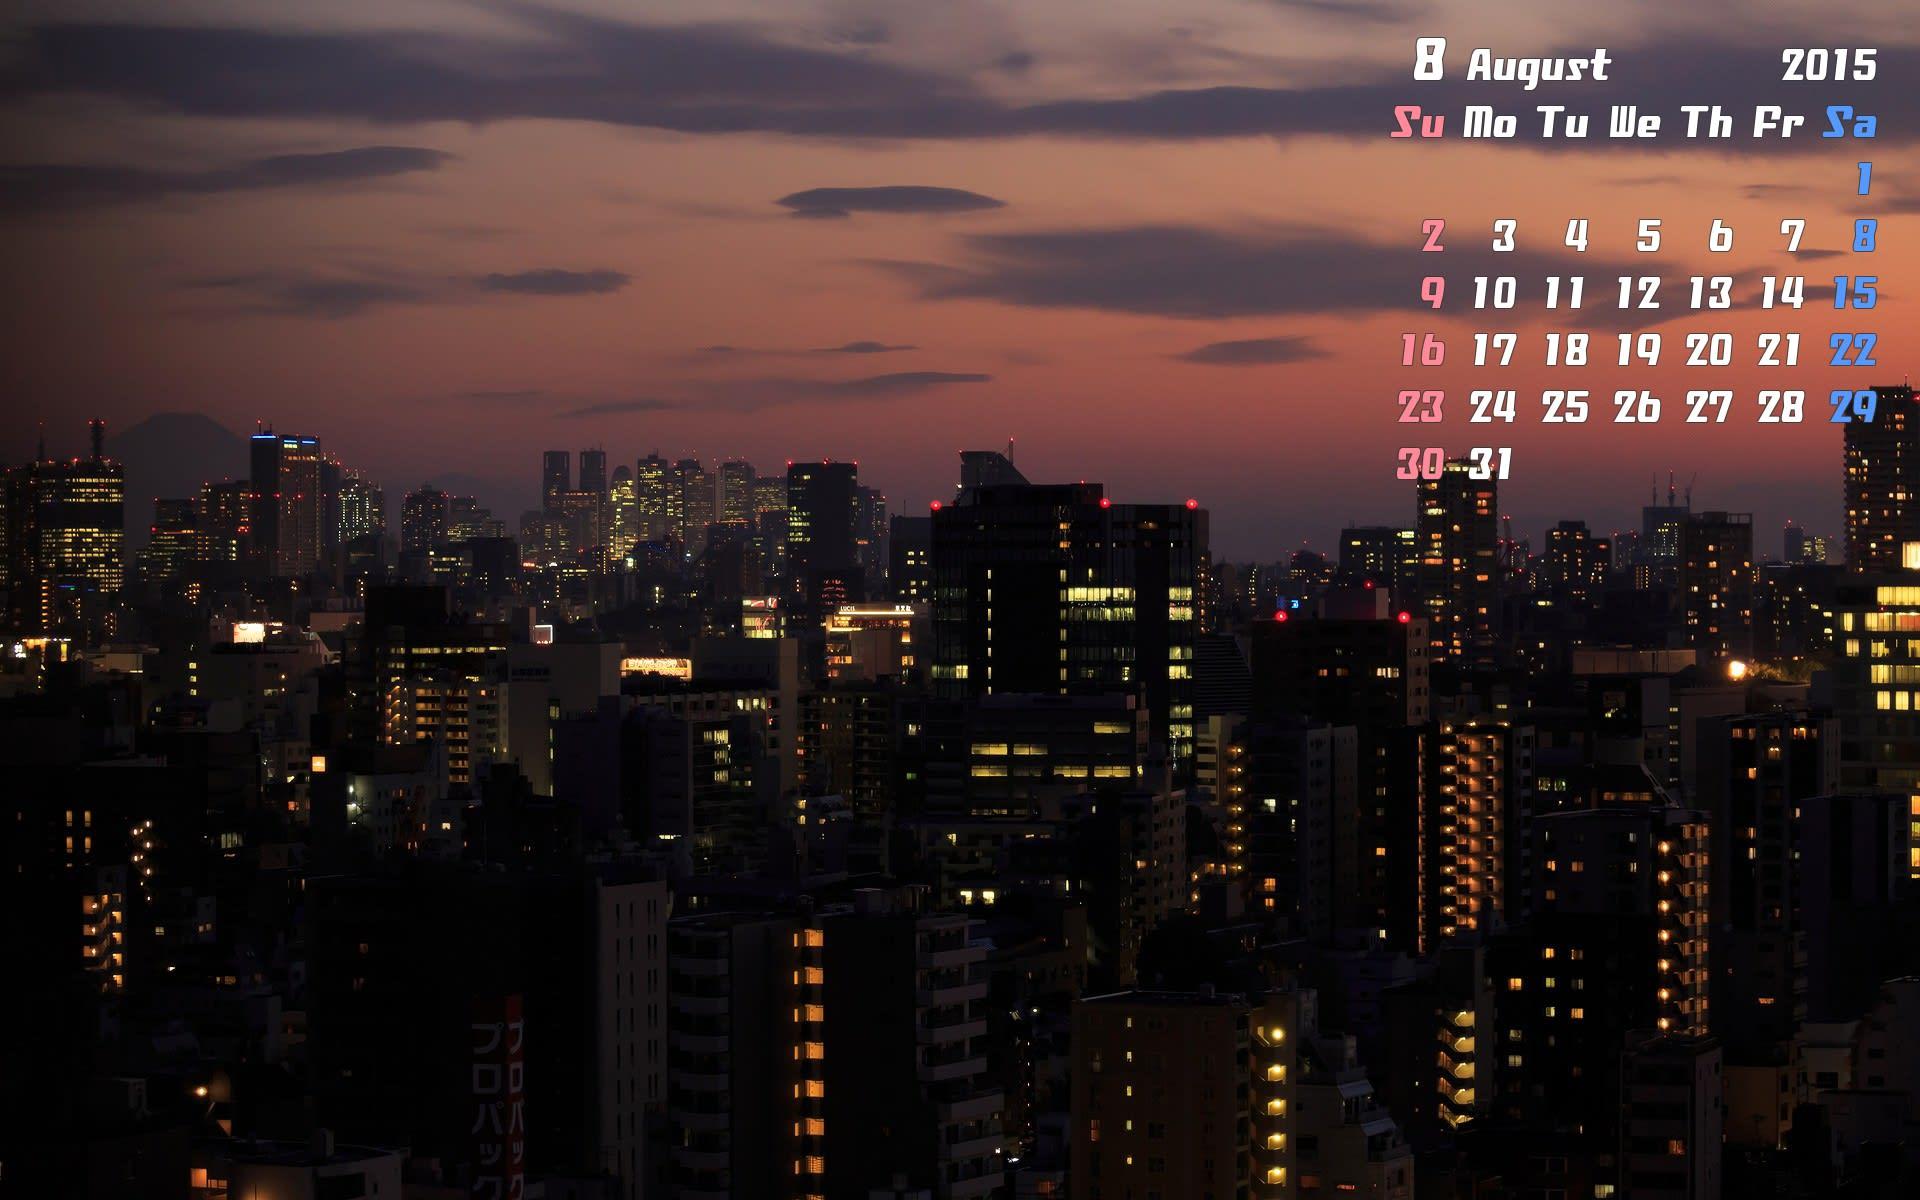 8月のカレンダー計10枚更新しました。